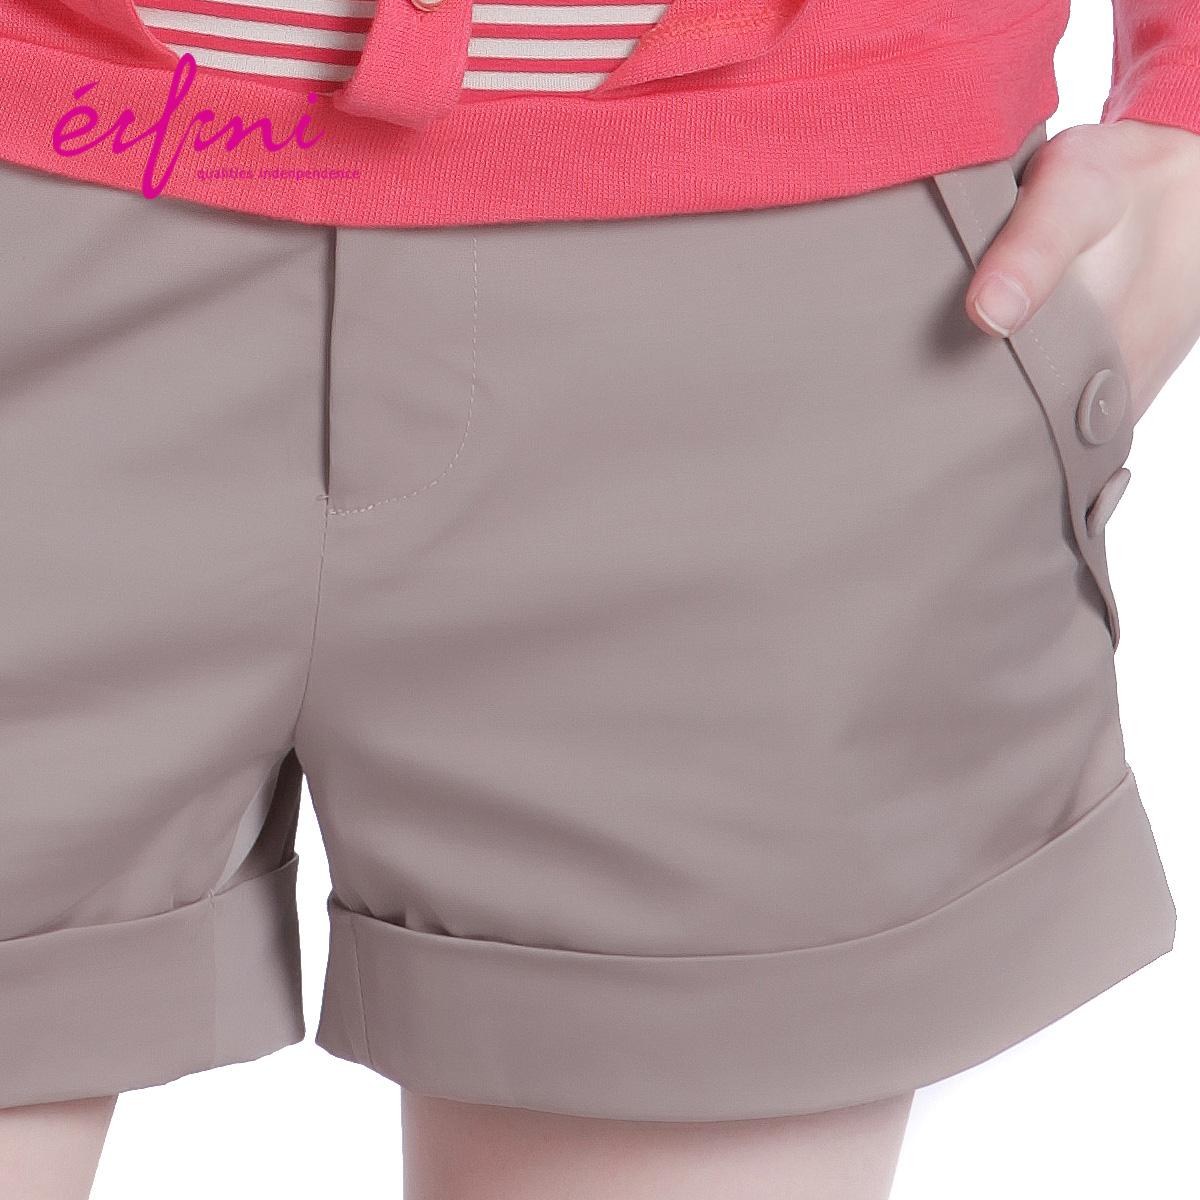 Женские брюки Eifini 1065104 Шорты, мини-шорты Рабочие Повседневный Тонкая модель Карман